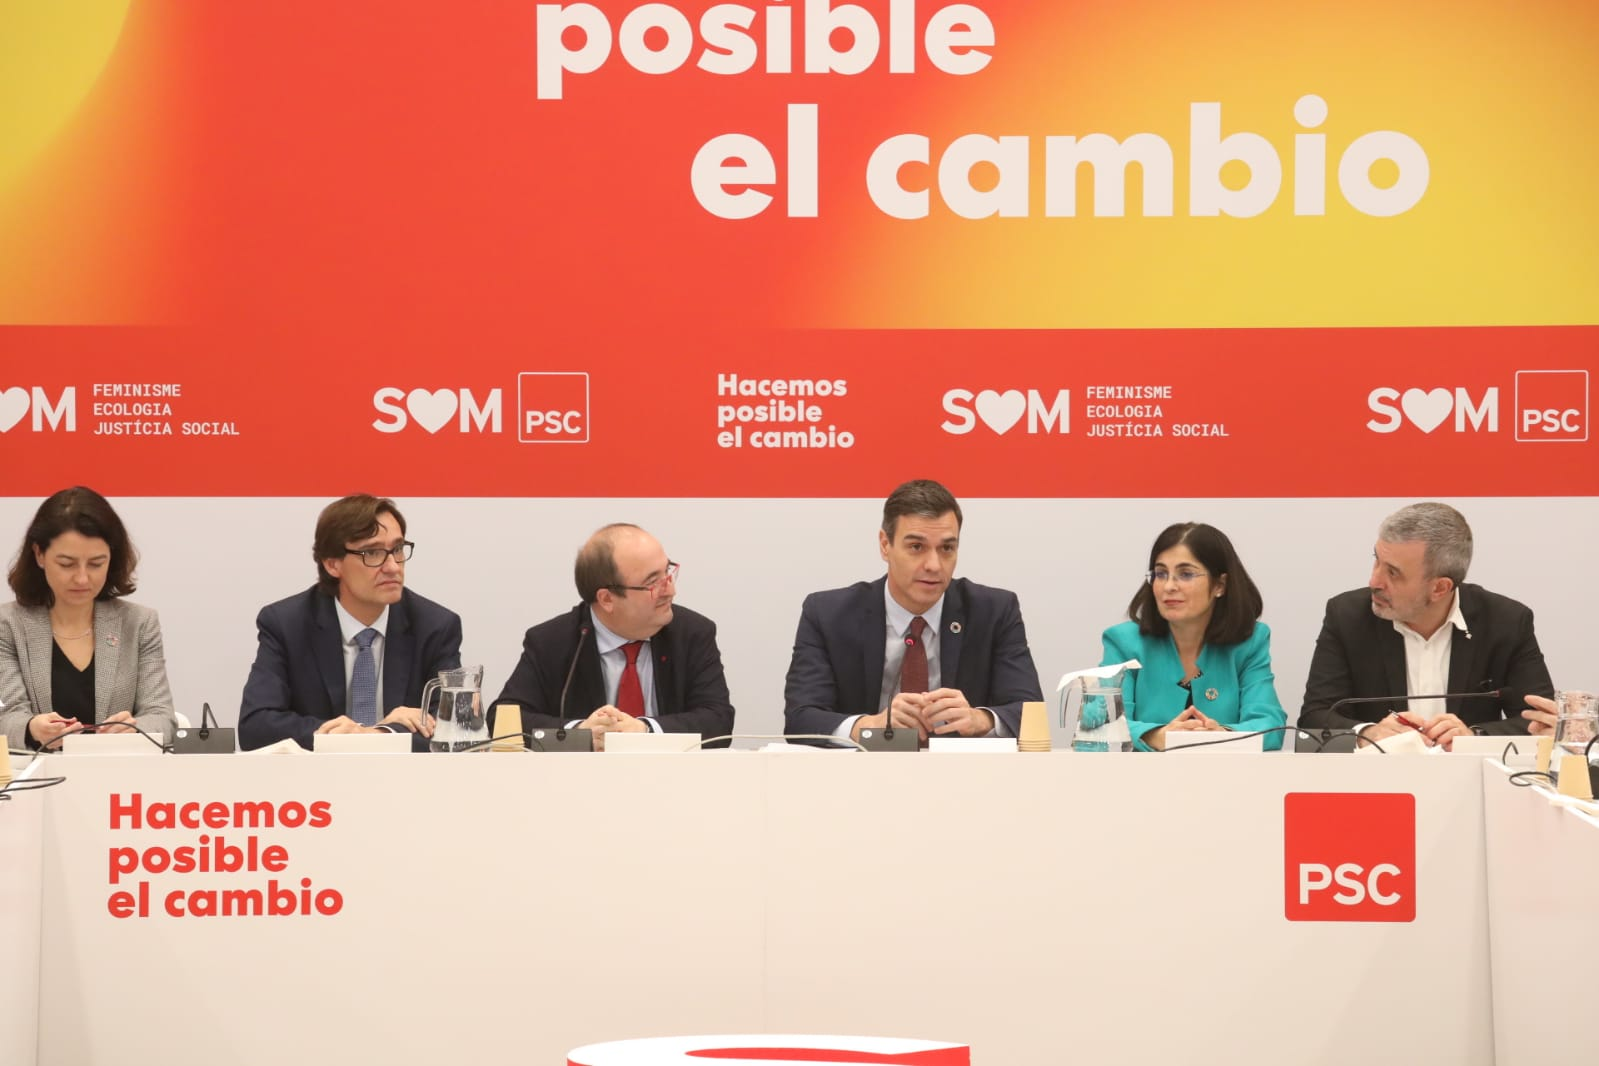 La apuesta de Pedro Sánchez y Salvador Illa es que el independentismo retroceda / Foto: PSC